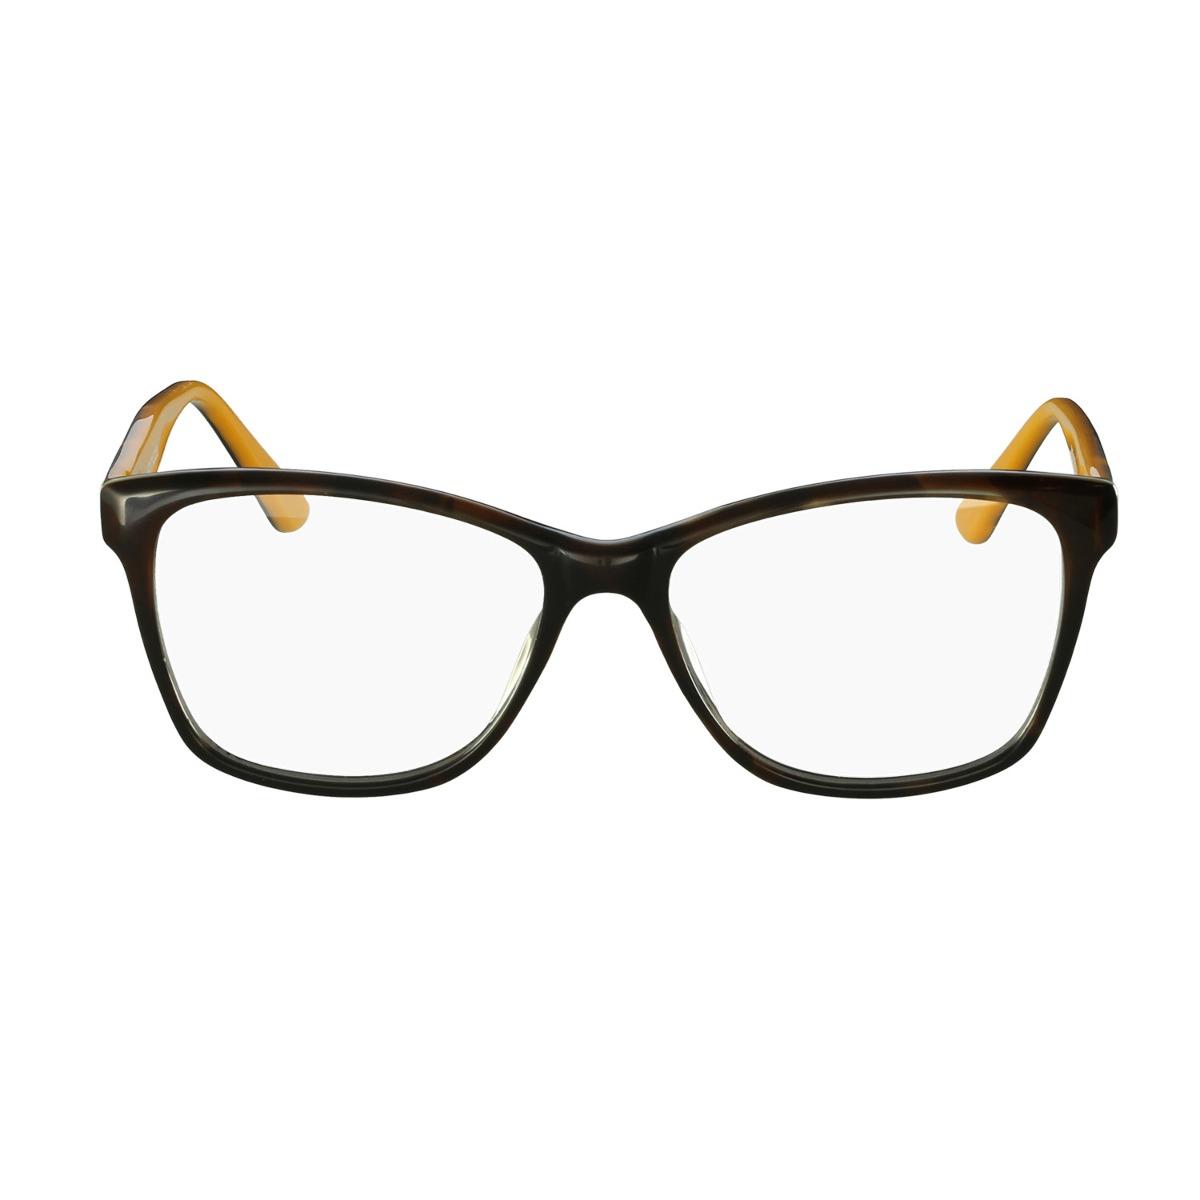 Óculos De Grau Atitude Casual Marrom - R  208,00 em Mercado Livre 90d36a7893